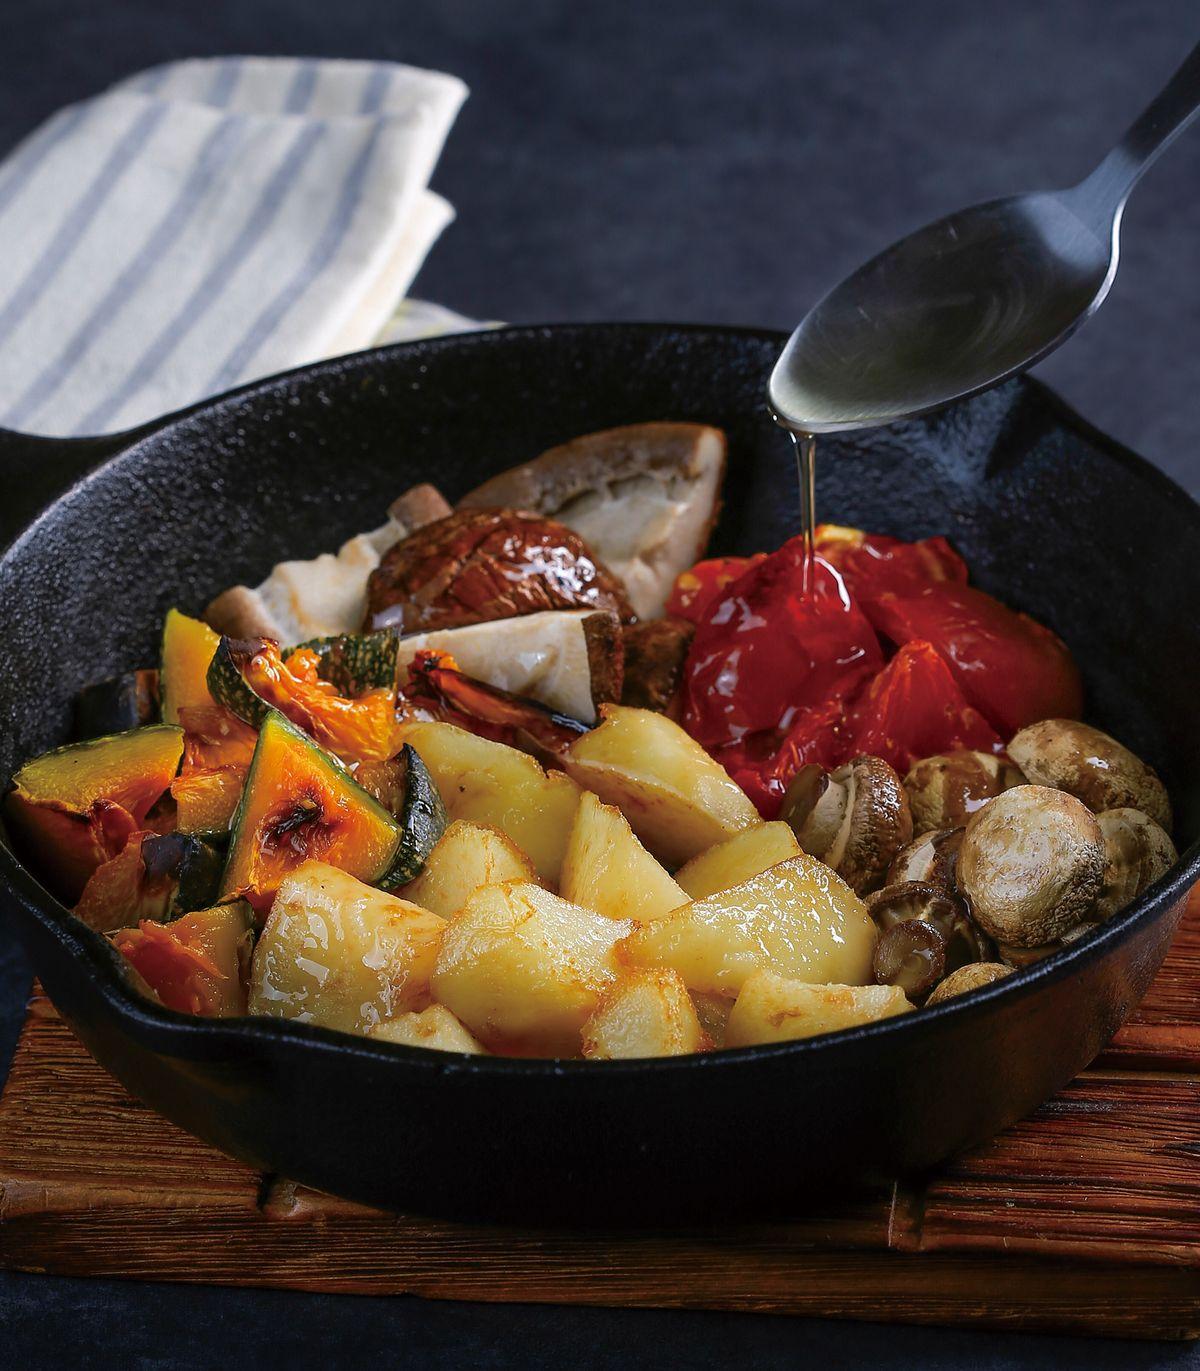 食譜:什錦鮮蔬烤馬鈴薯